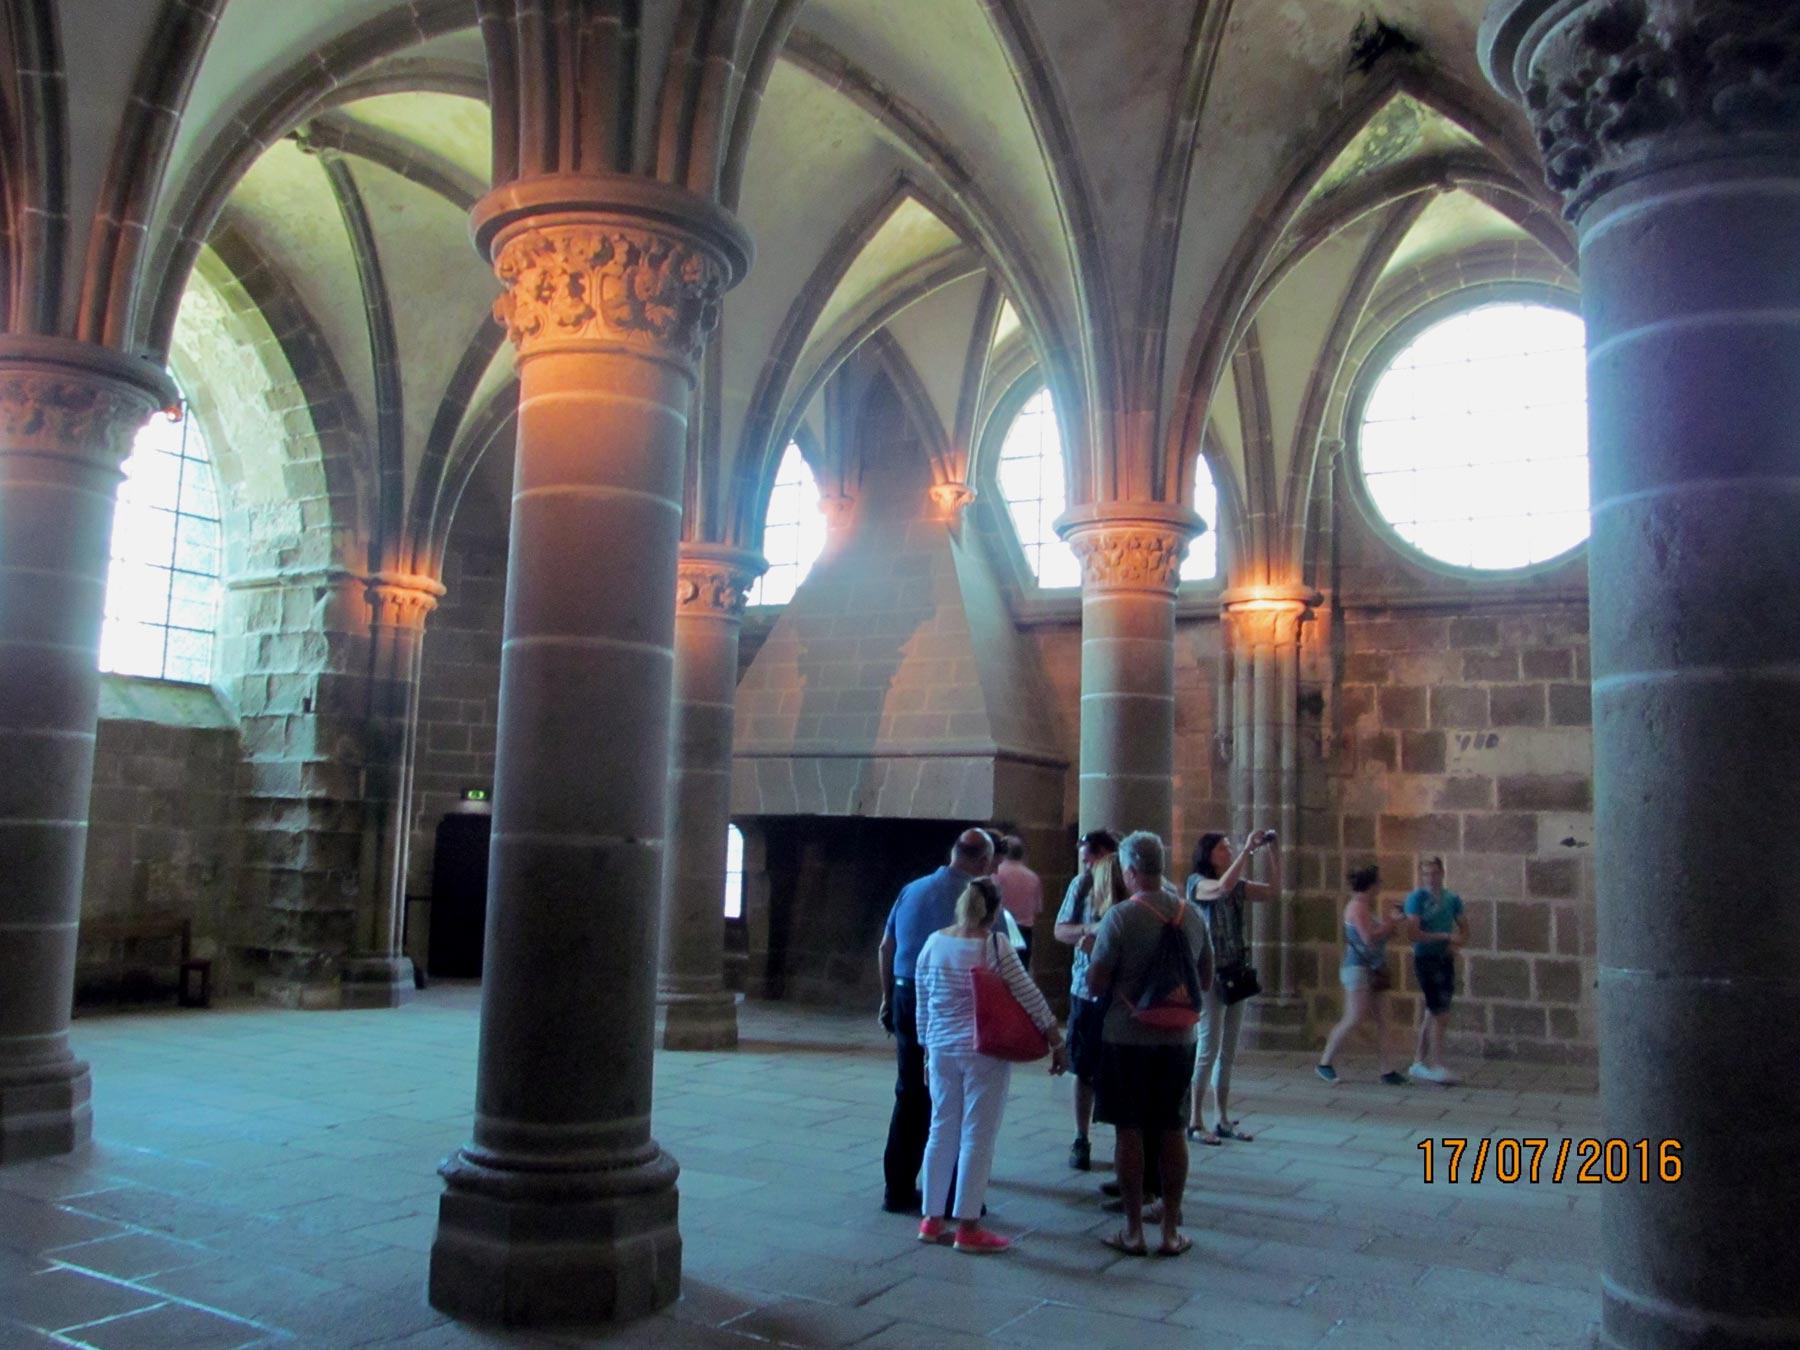 экскурсия по залам аббатства